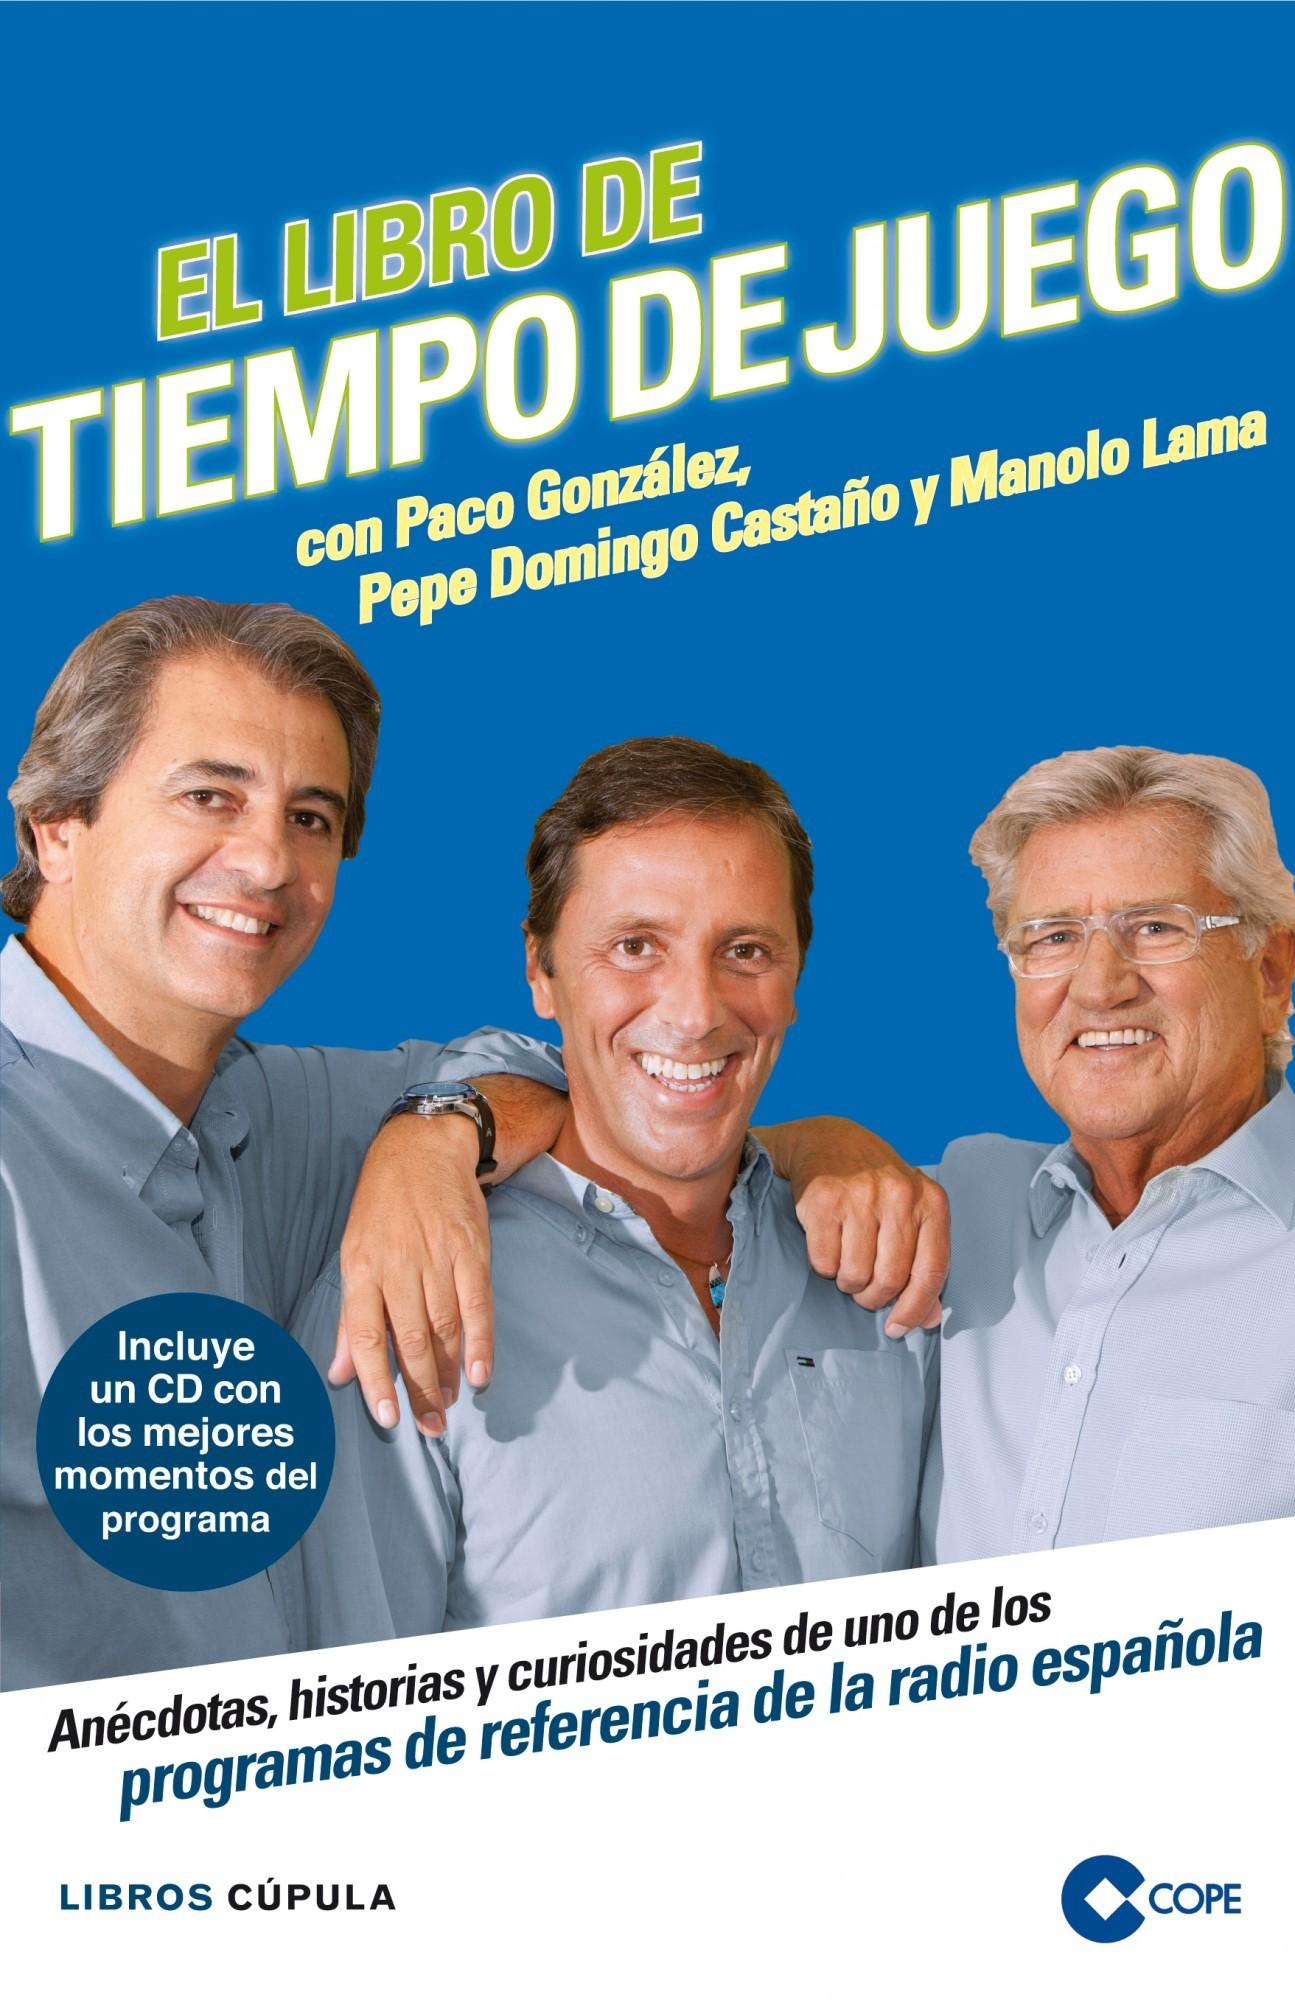 EL LIBRO DE TIEMPO DE JUEGO: ANÉCDOTAS, HISTORIAS Y CURIOSIDADES DE UNO DE LOS  PROGRAMAS DE REFERENCIA DE LA RADIO ESPAÑOLA